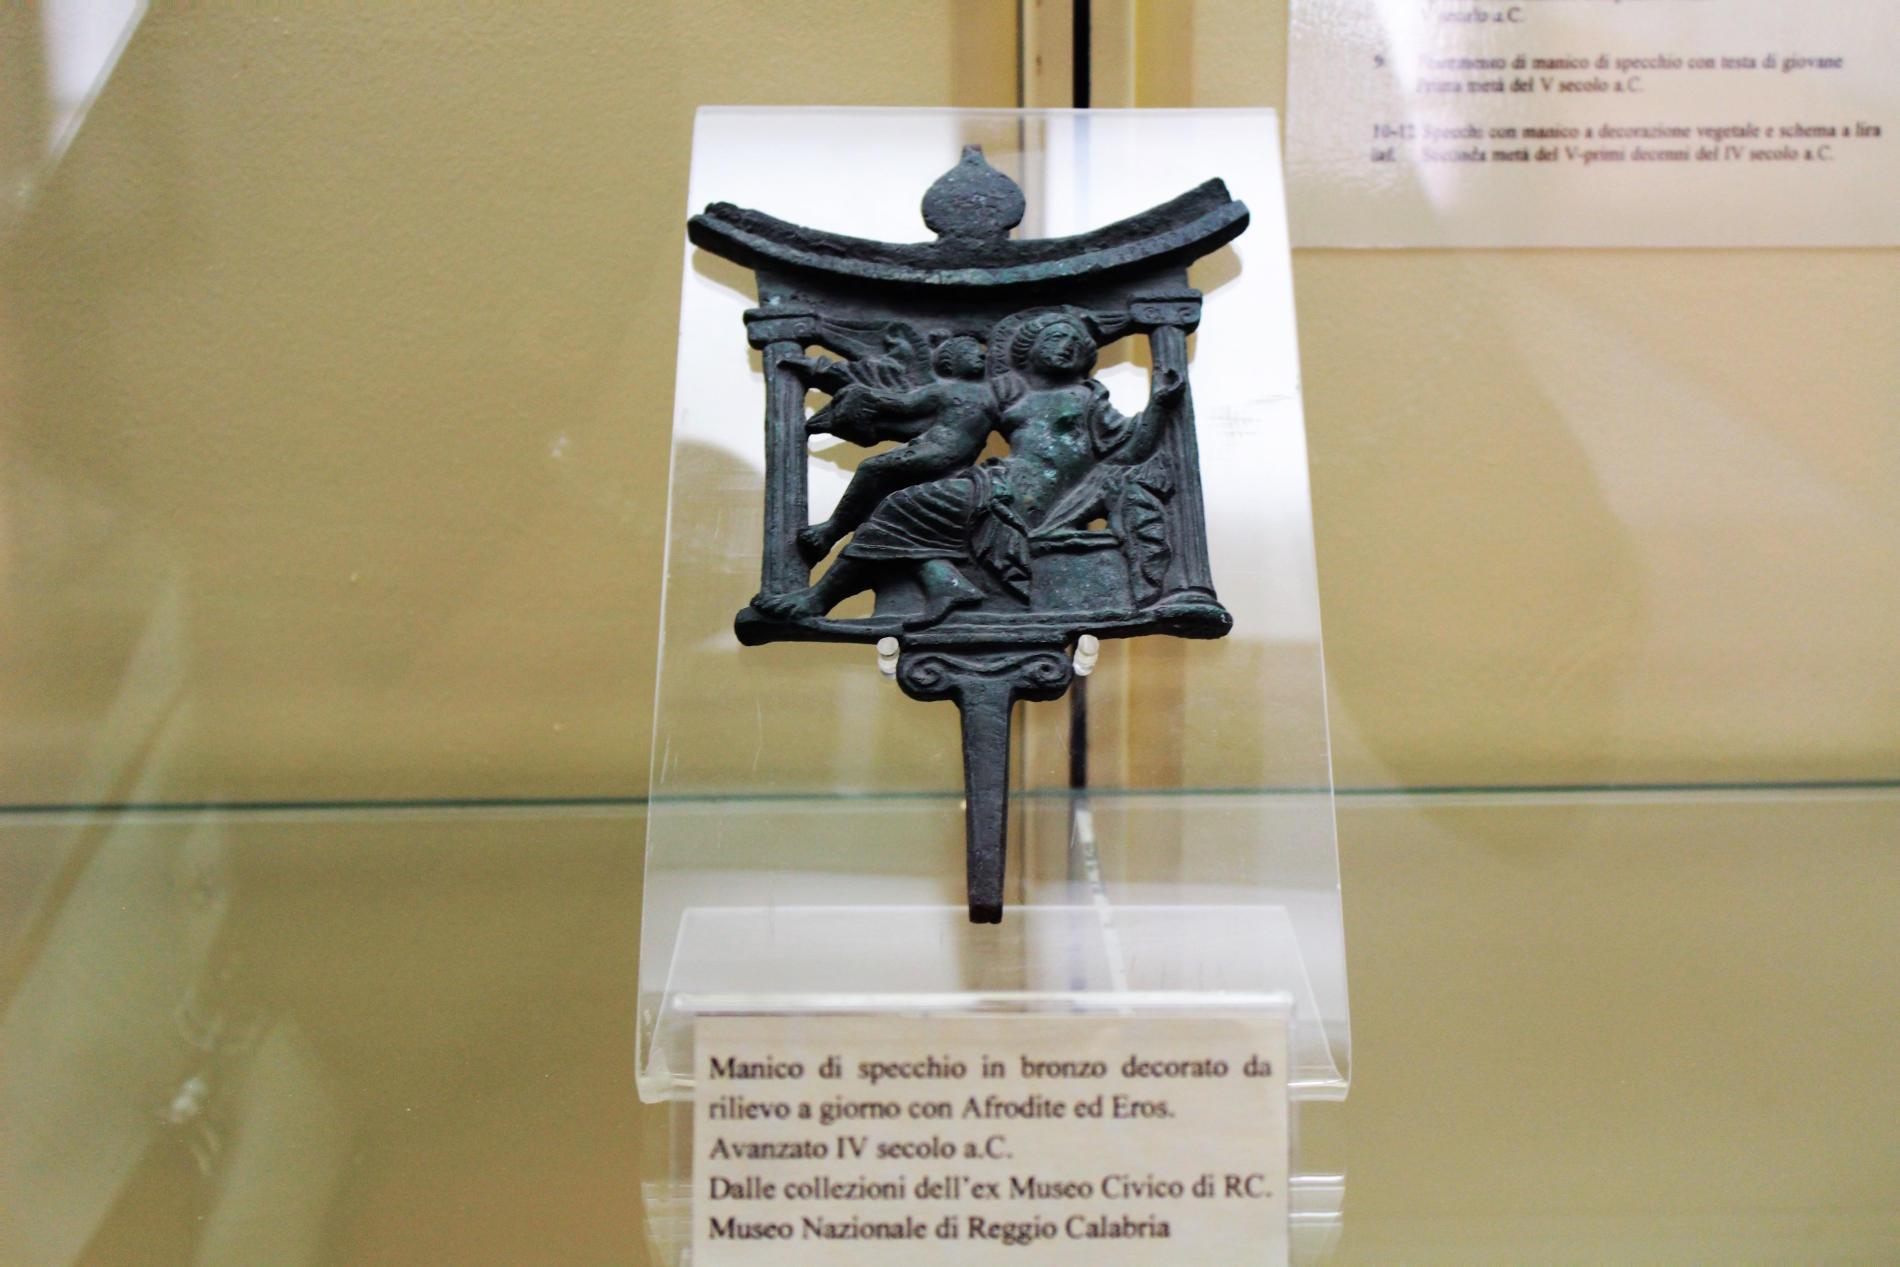 Manico di specchio in bronzo risalente alla Magna Grecia rinvenuto Parco Archeologico di Locri Epizefiri in provincia di Reggio Calabria